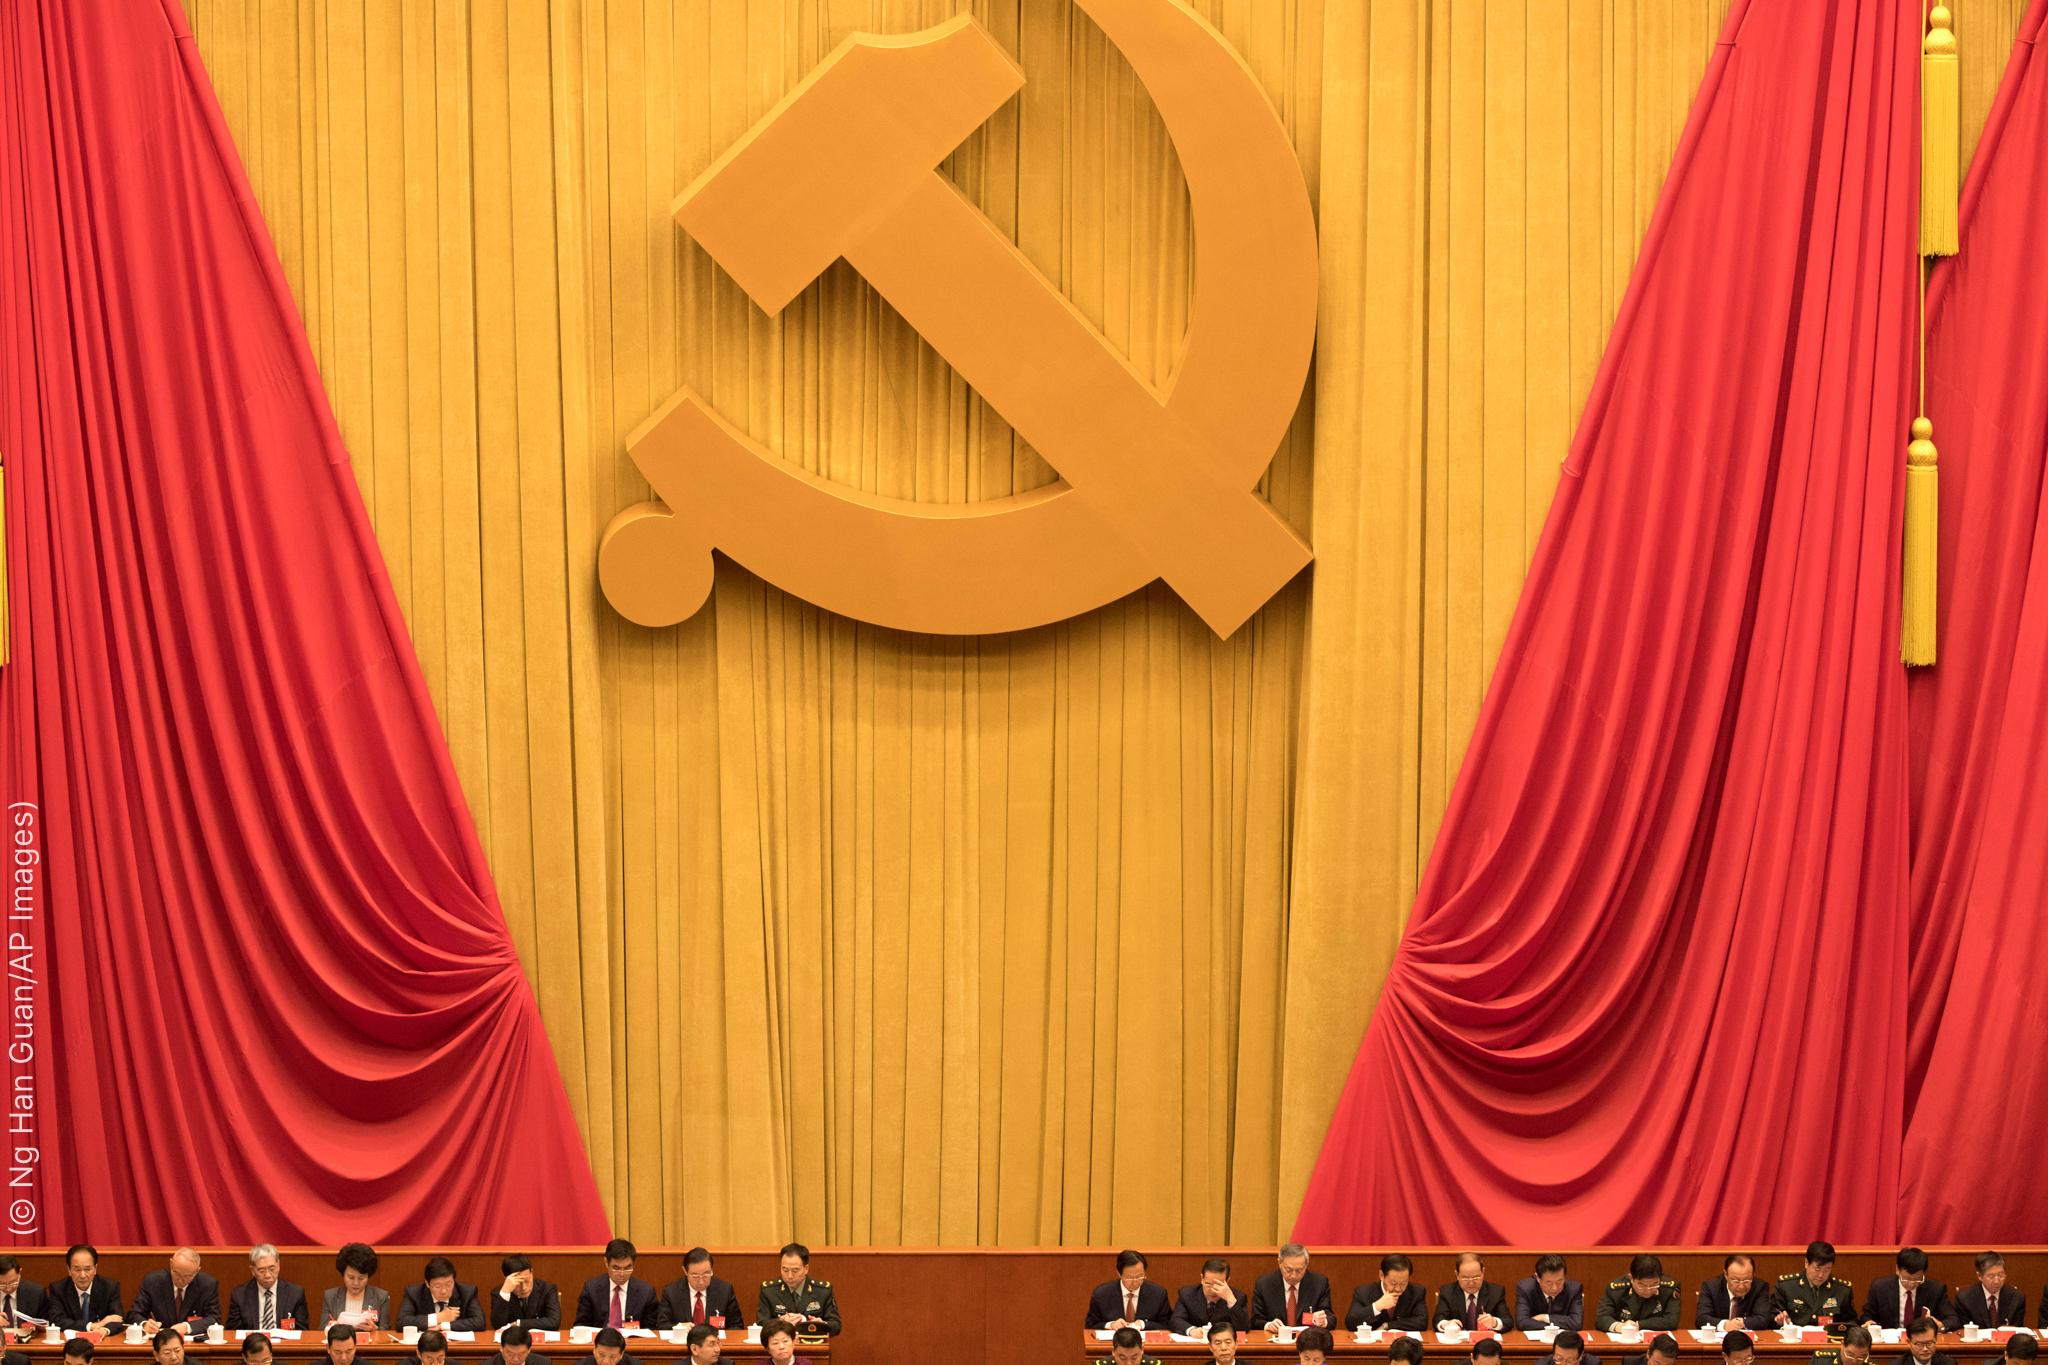 (© Ng Han Guan/AP Images)